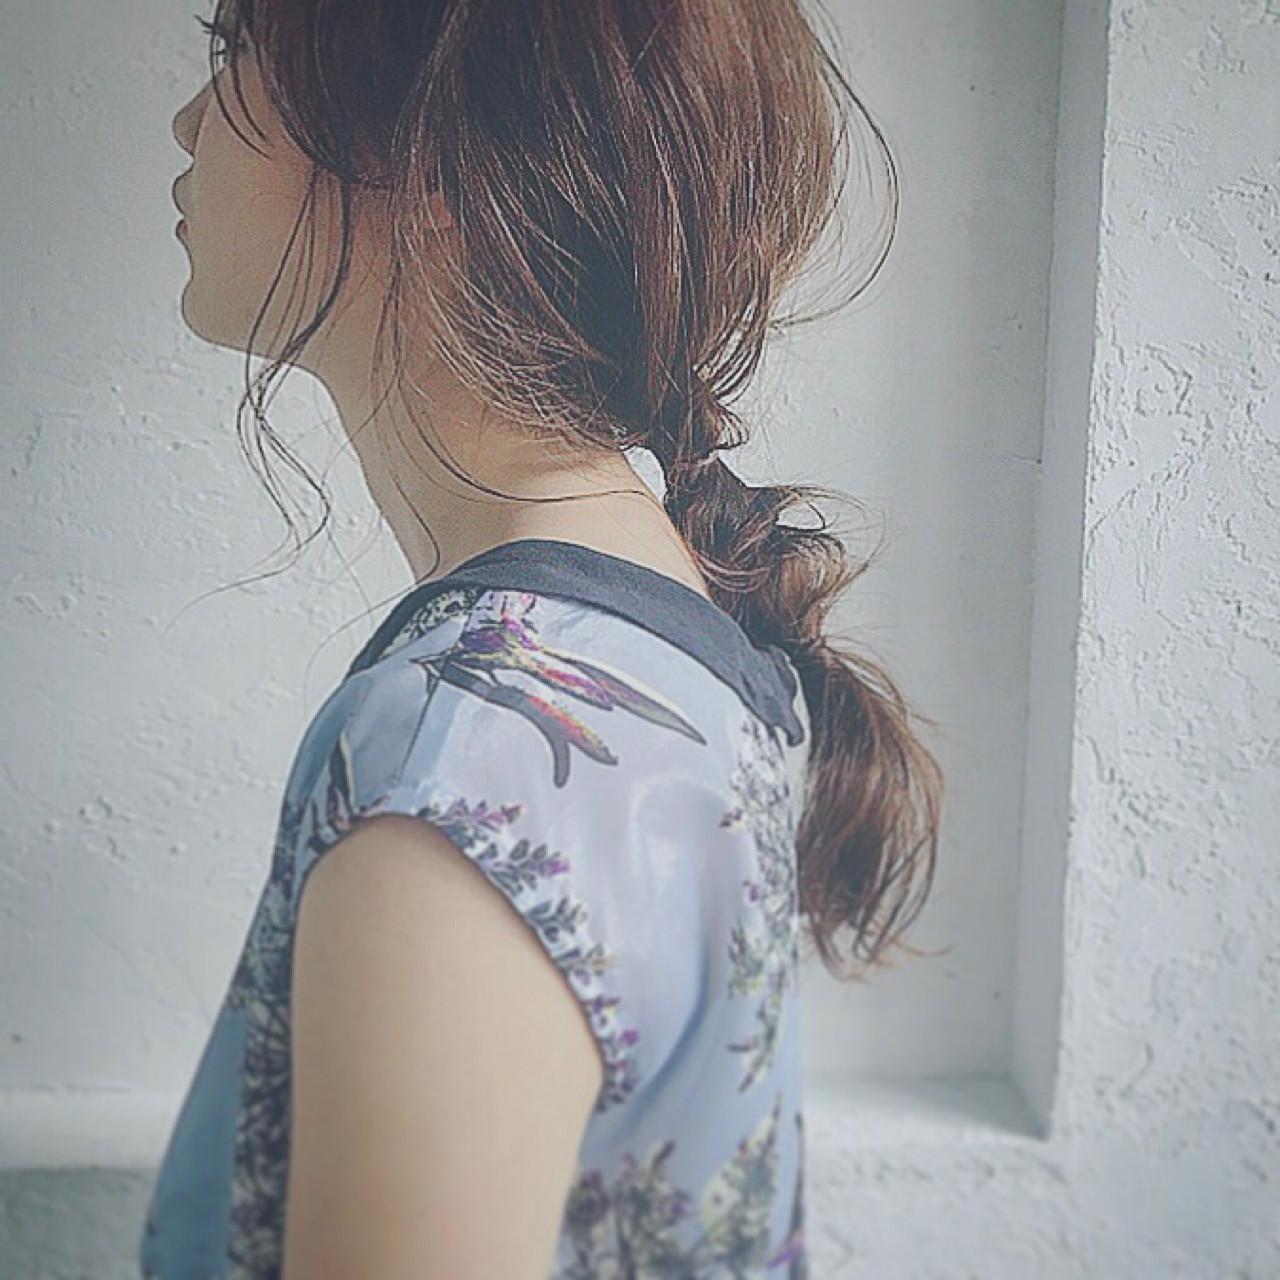 ヘアアレンジ 前髪あり フリンジバング ナチュラル ヘアスタイルや髪型の写真・画像